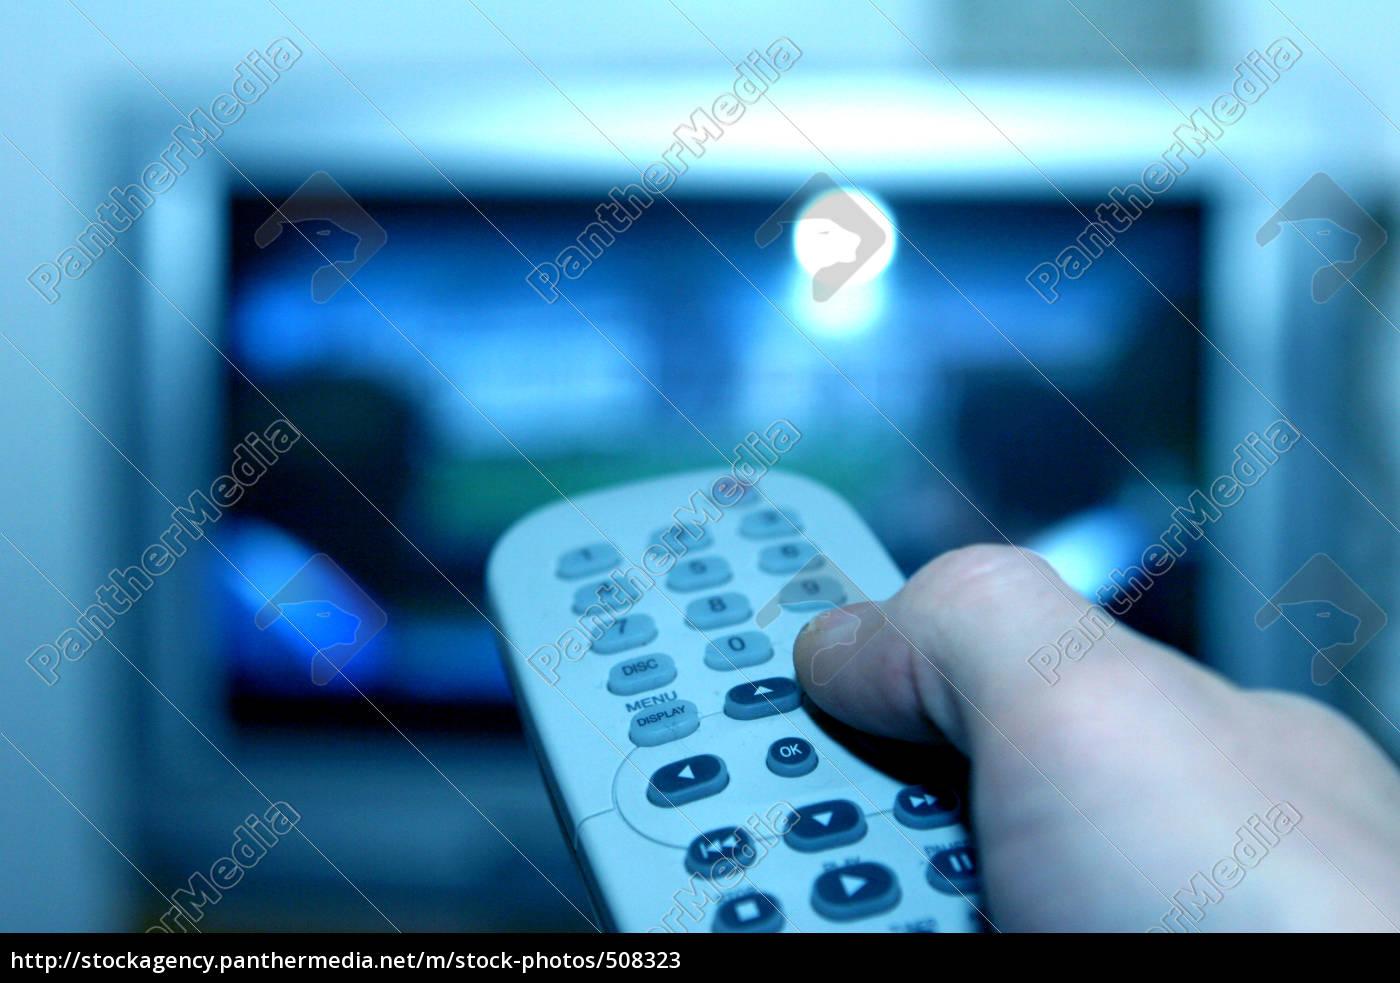 remote, control, 2 - 508323